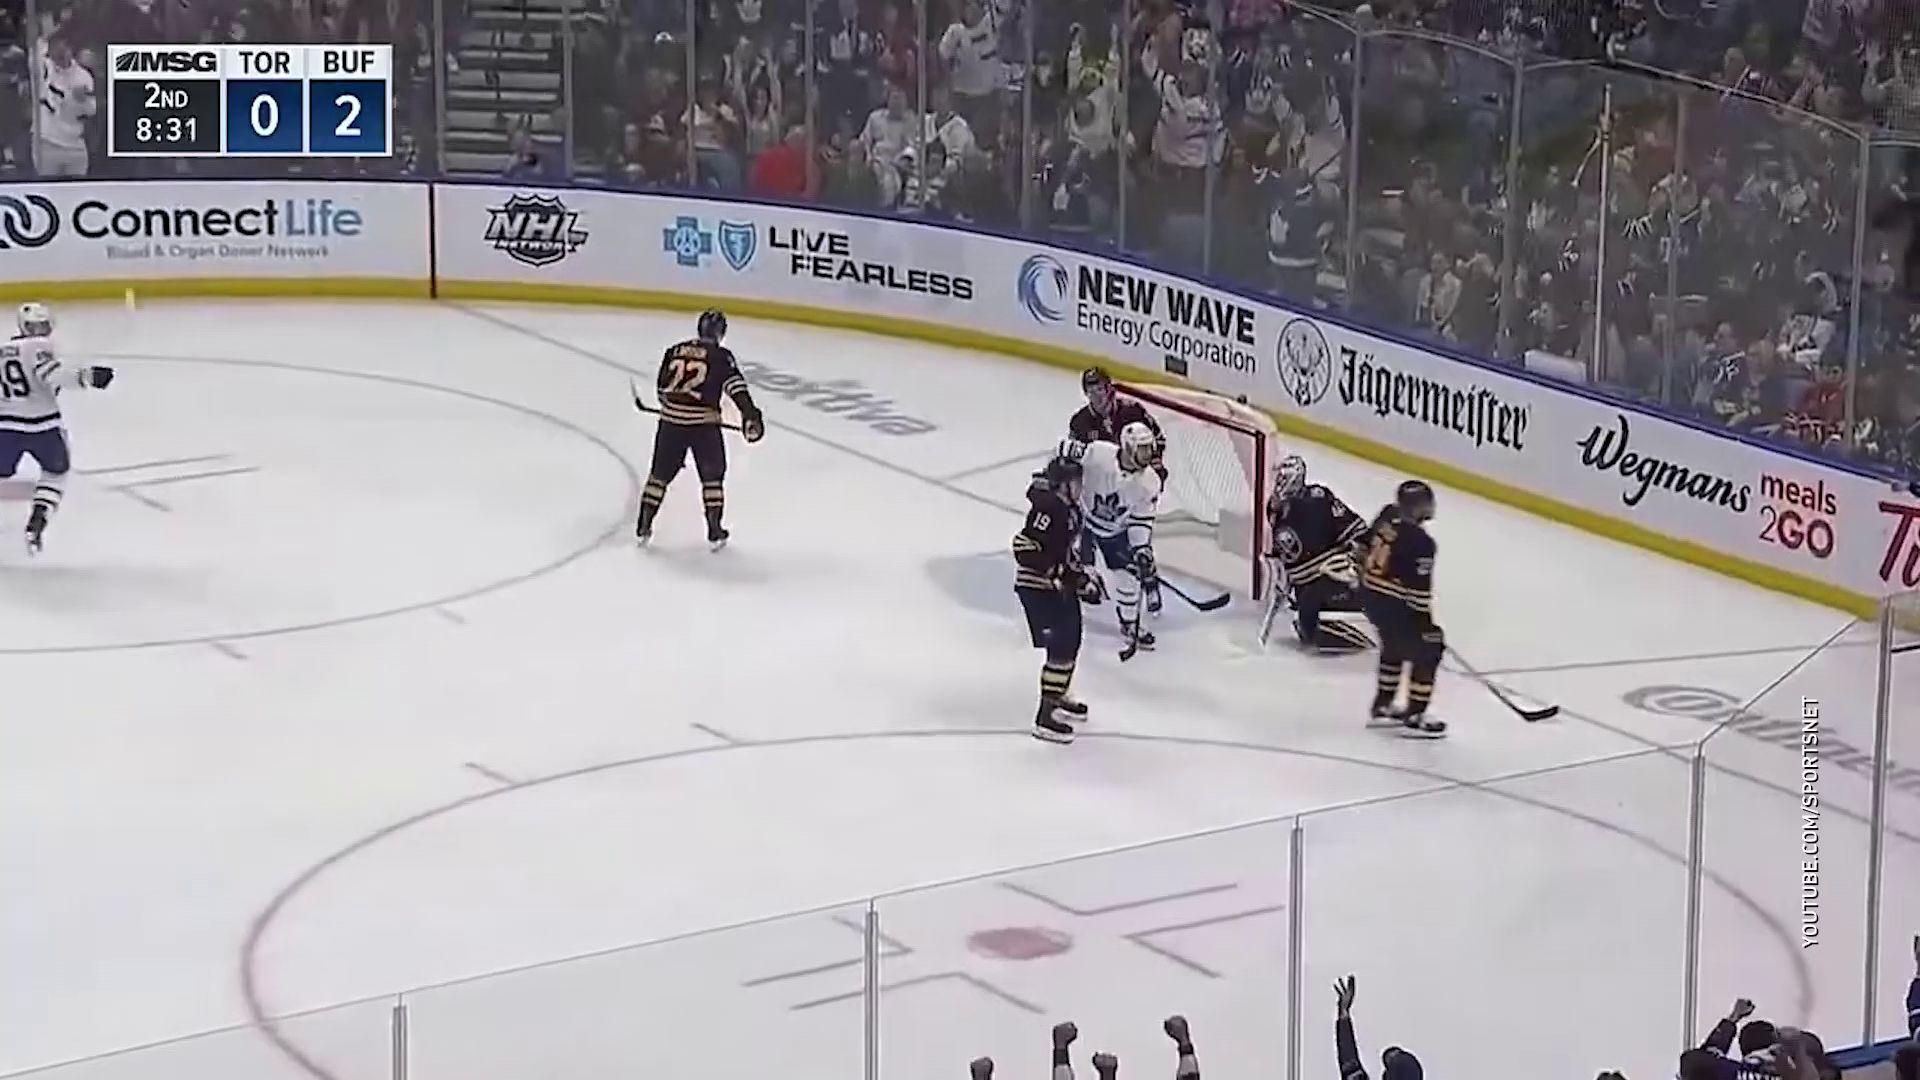 Экс-форвард «Локомотива» отличился в своем дебютном поединке в НХЛ